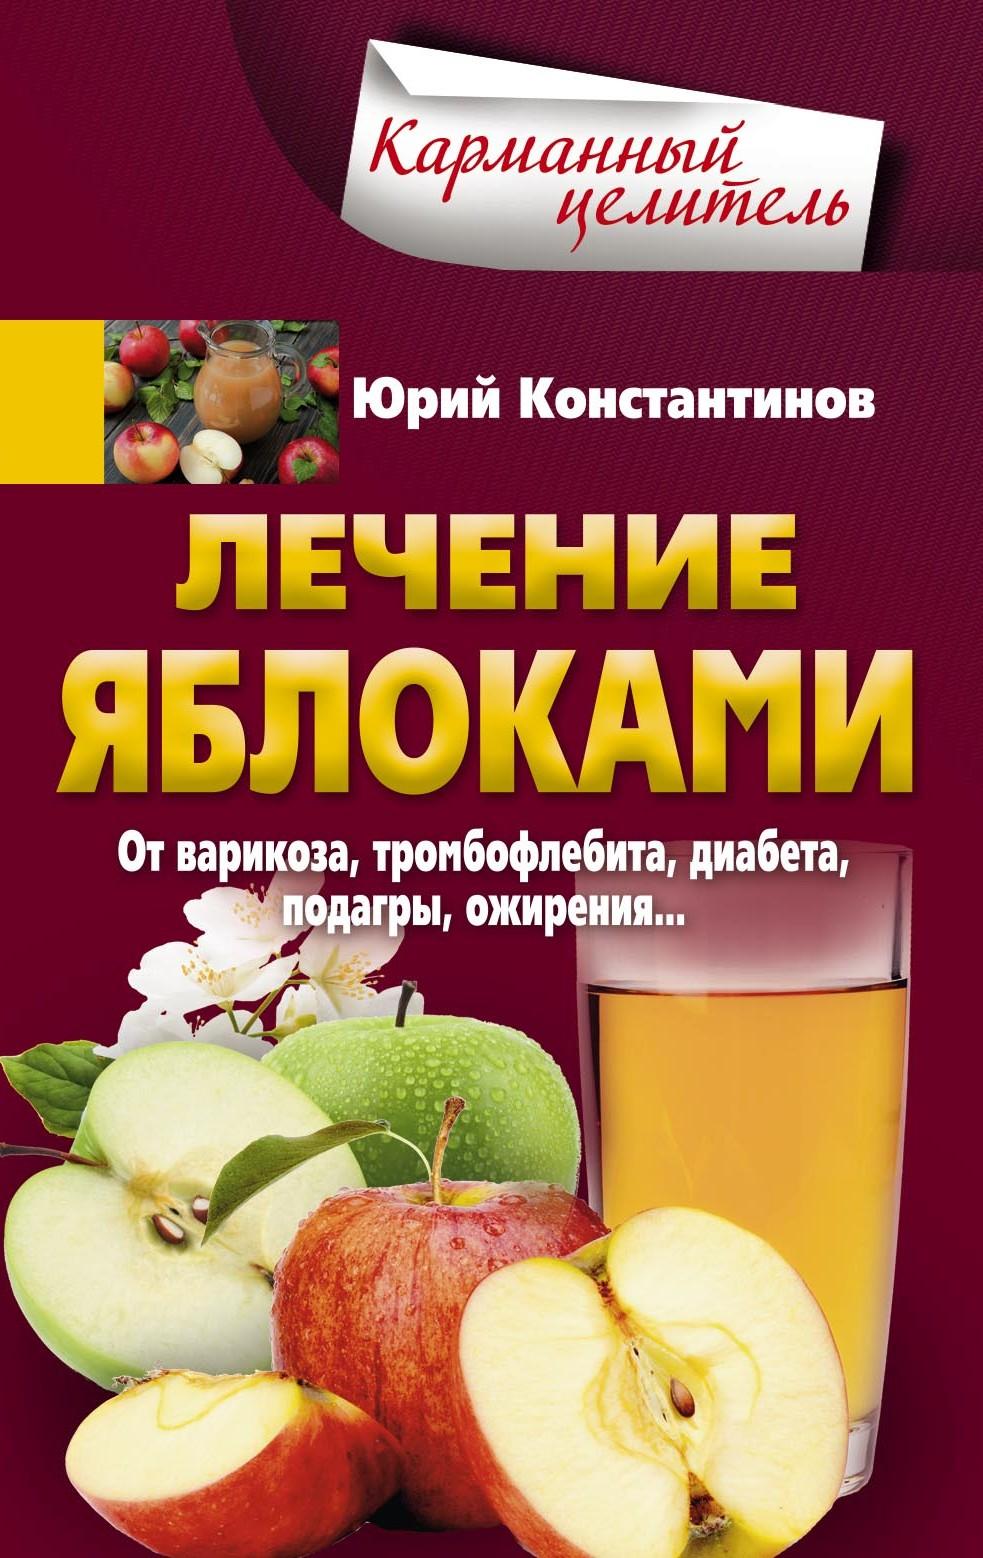 Юрий Константинов Лечение яблоками. От варикоза, тромбофлебита, диабета, подагры, ожирения…